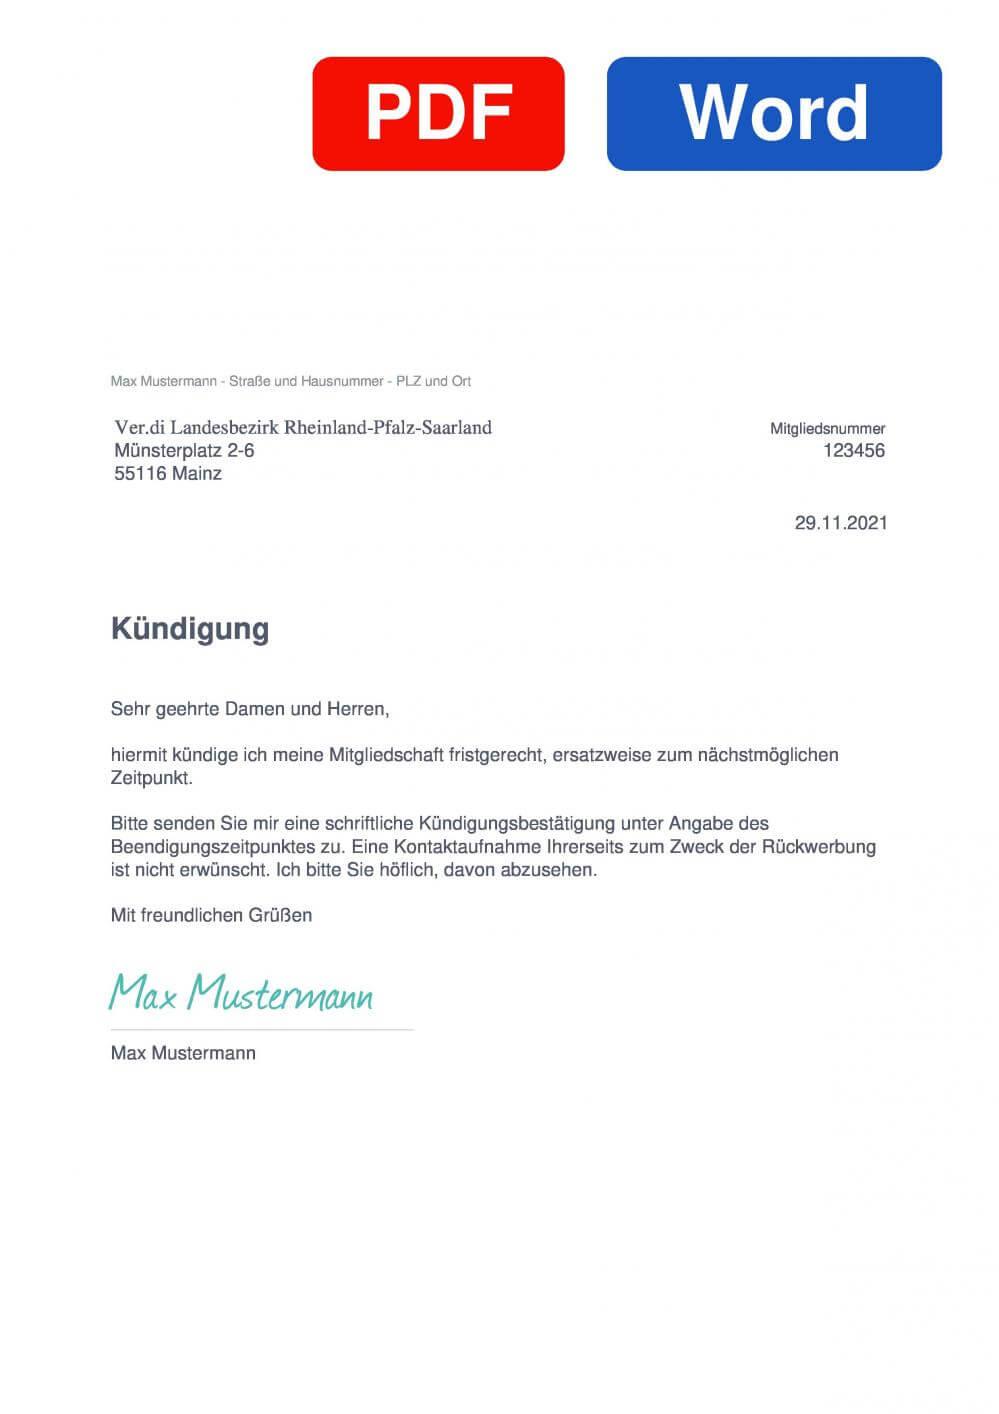 Verdi Landesbezirk Rheinland-Pfalz-Saarland Muster Vorlage für Kündigungsschreiben